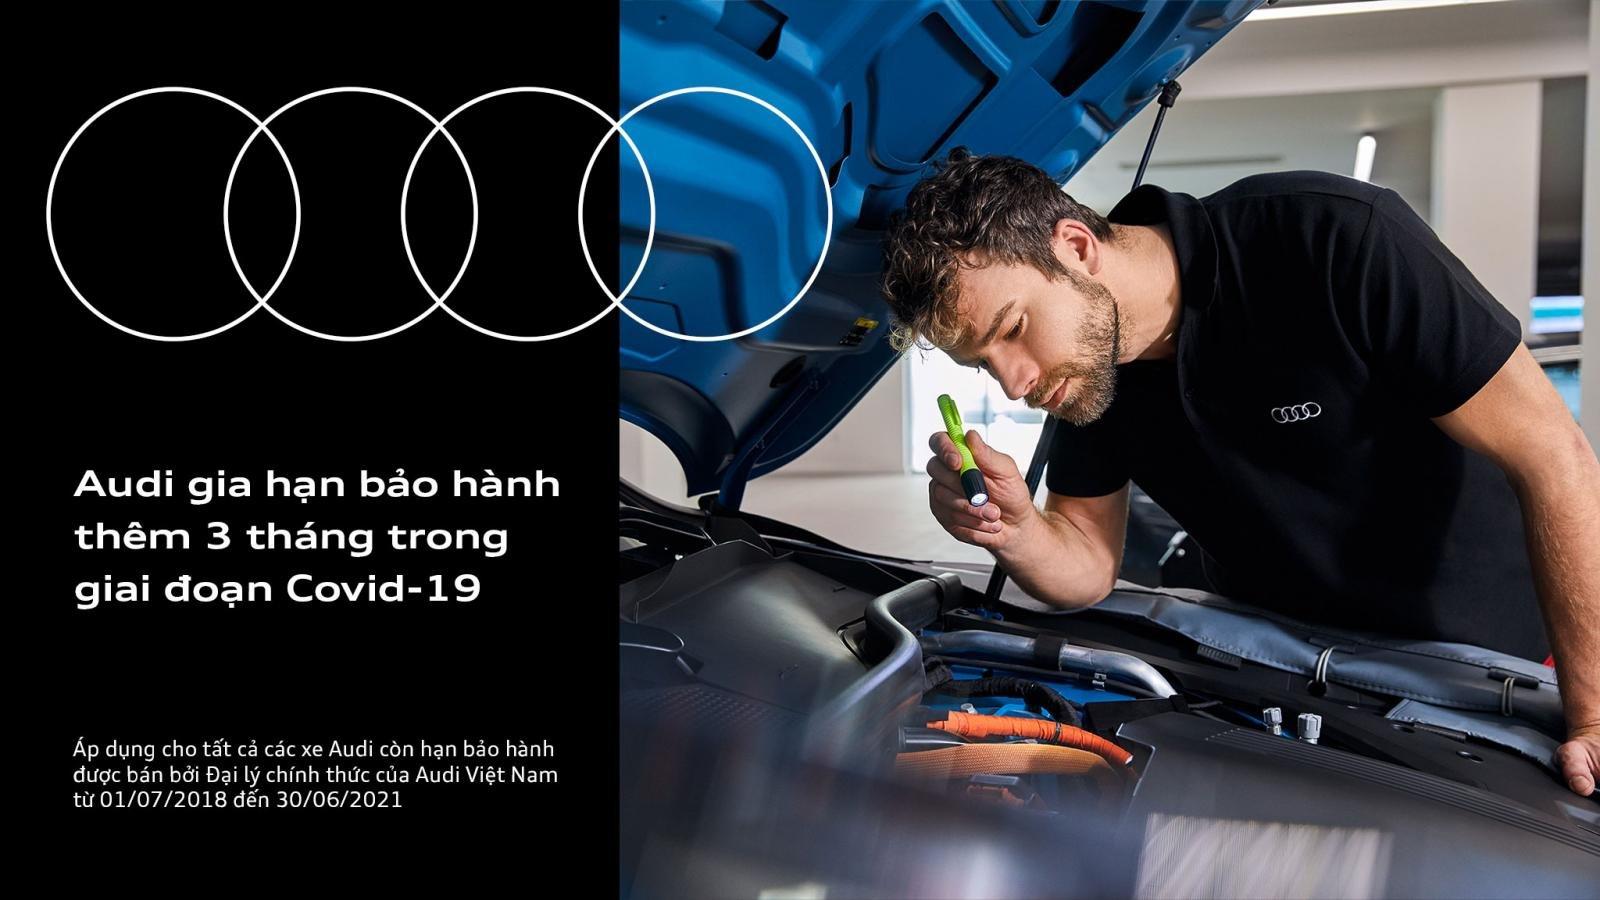 Audi Việt Nam gia hạn bảo hành thêm 3 tháng 1.